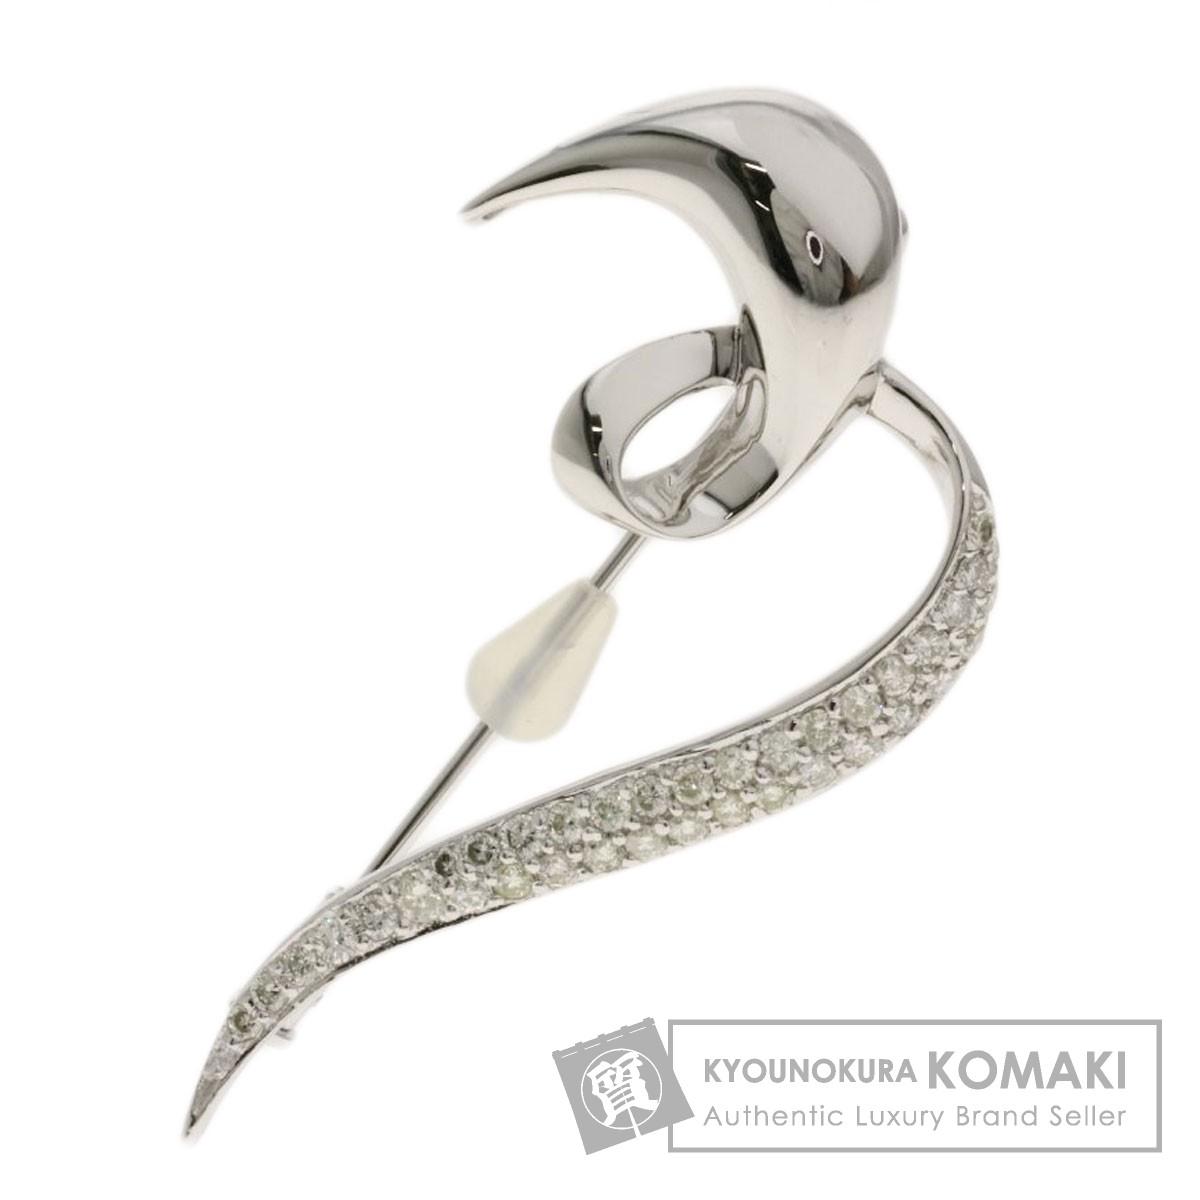 0.6ct ダイヤモンド ブローチ K18ホワイトゴールド 6.9g レディース 【中古】